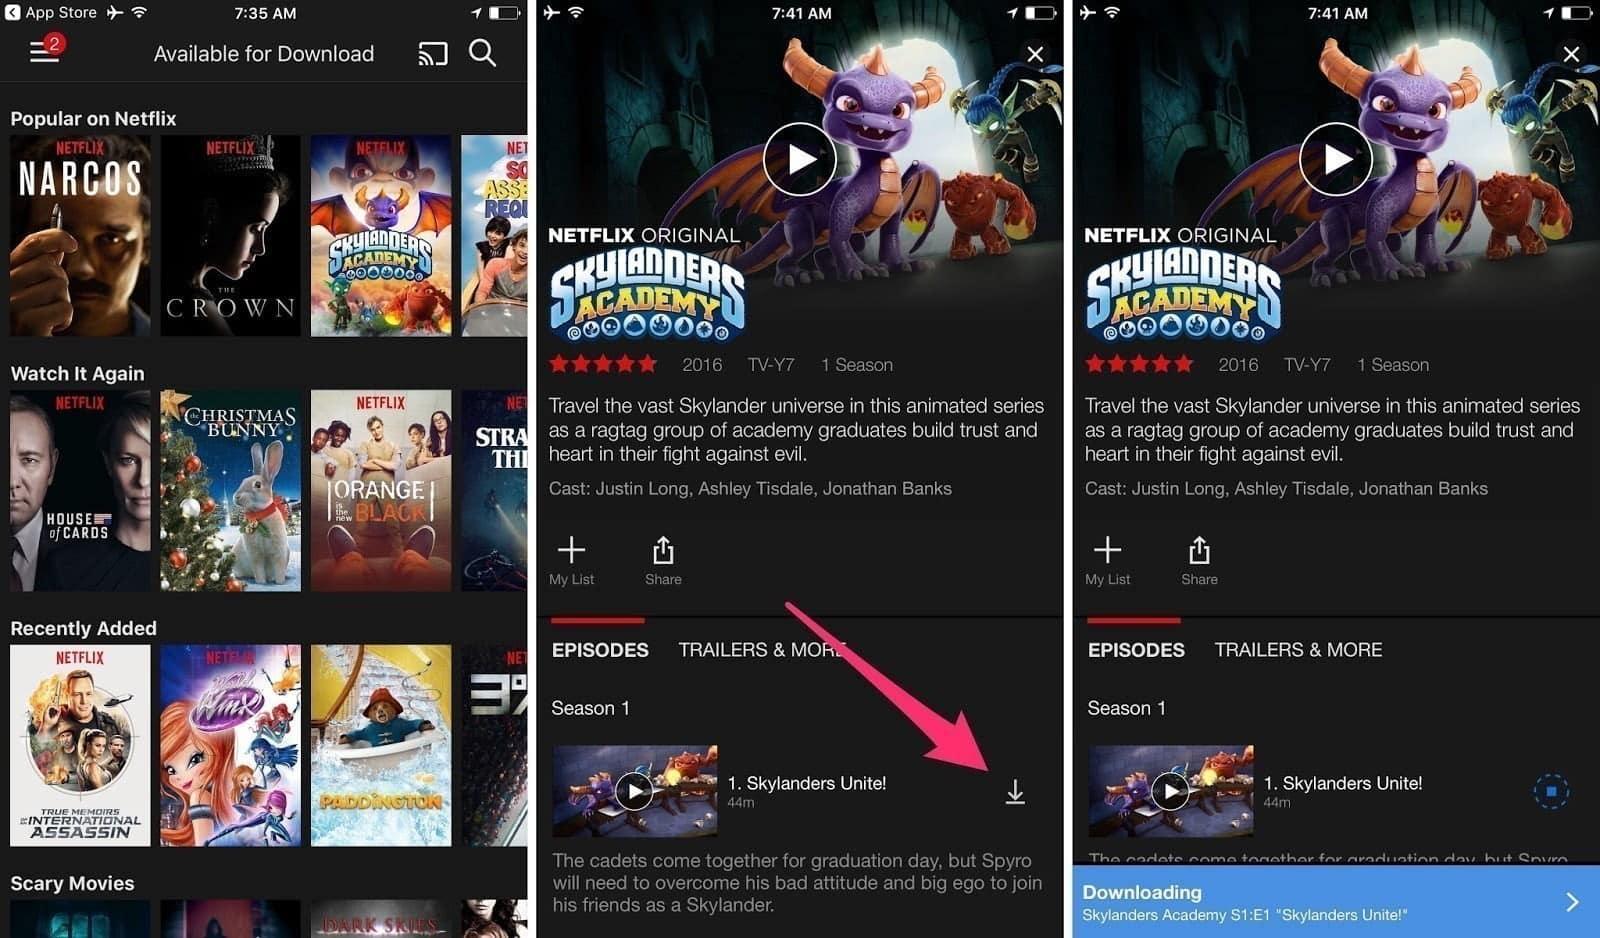 كيفية تحميل وإدارة عروض وأفلام Netflix على هاتفك أو التابلات - شروحات